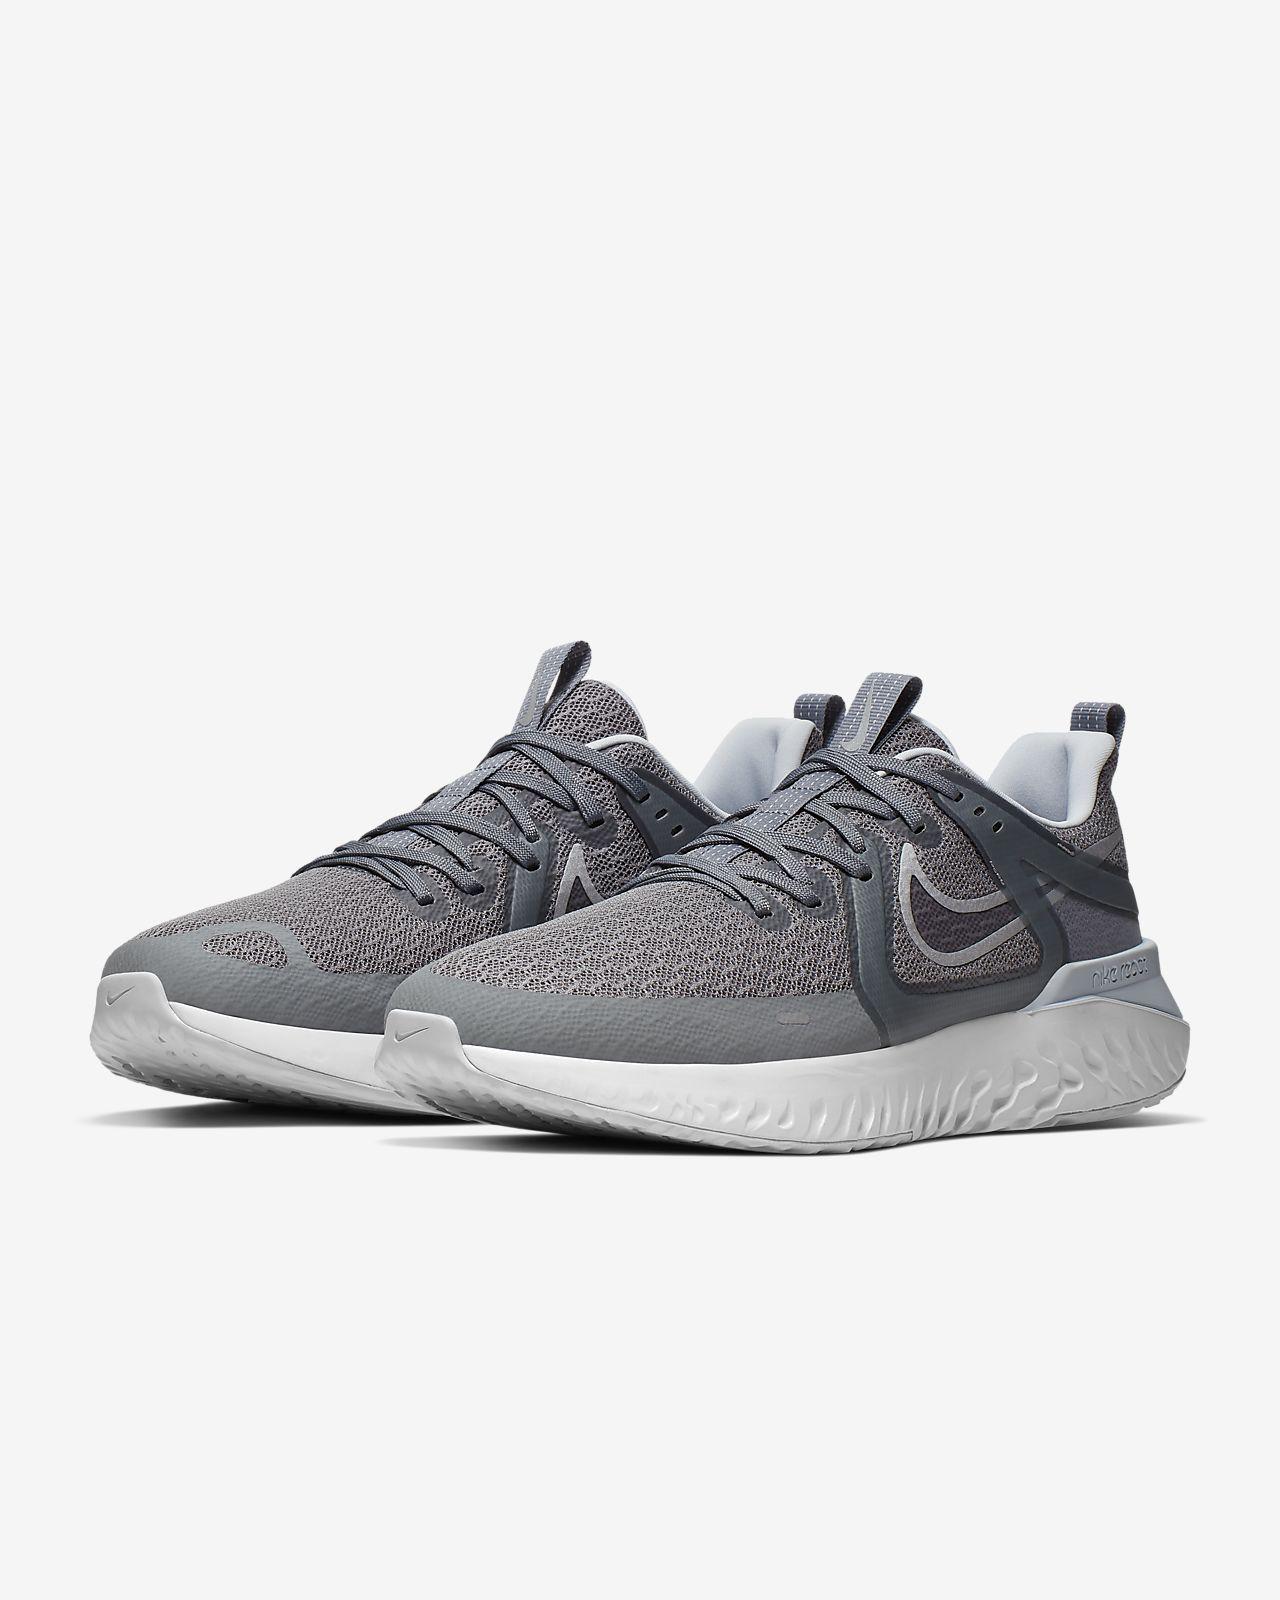 buty do biegania tanie jak barszcz sprzedaż usa online Nike Legend React 2 Men's Running Shoe